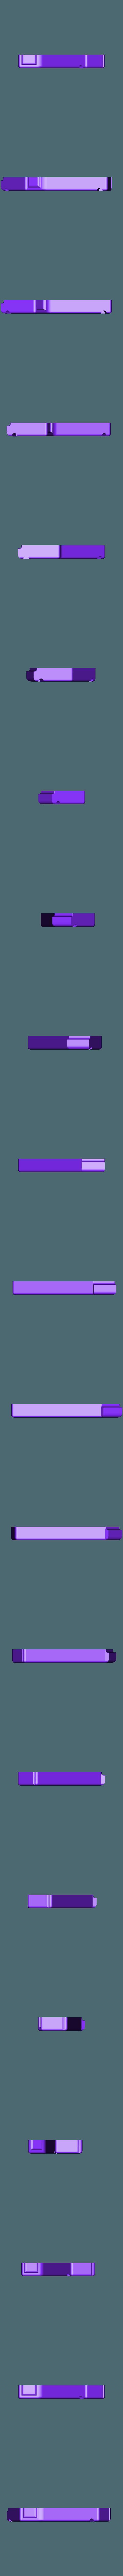 2x100_L.stl Télécharger fichier STL gratuit Couteau à câble plat • Design pour imprimante 3D, kpawel